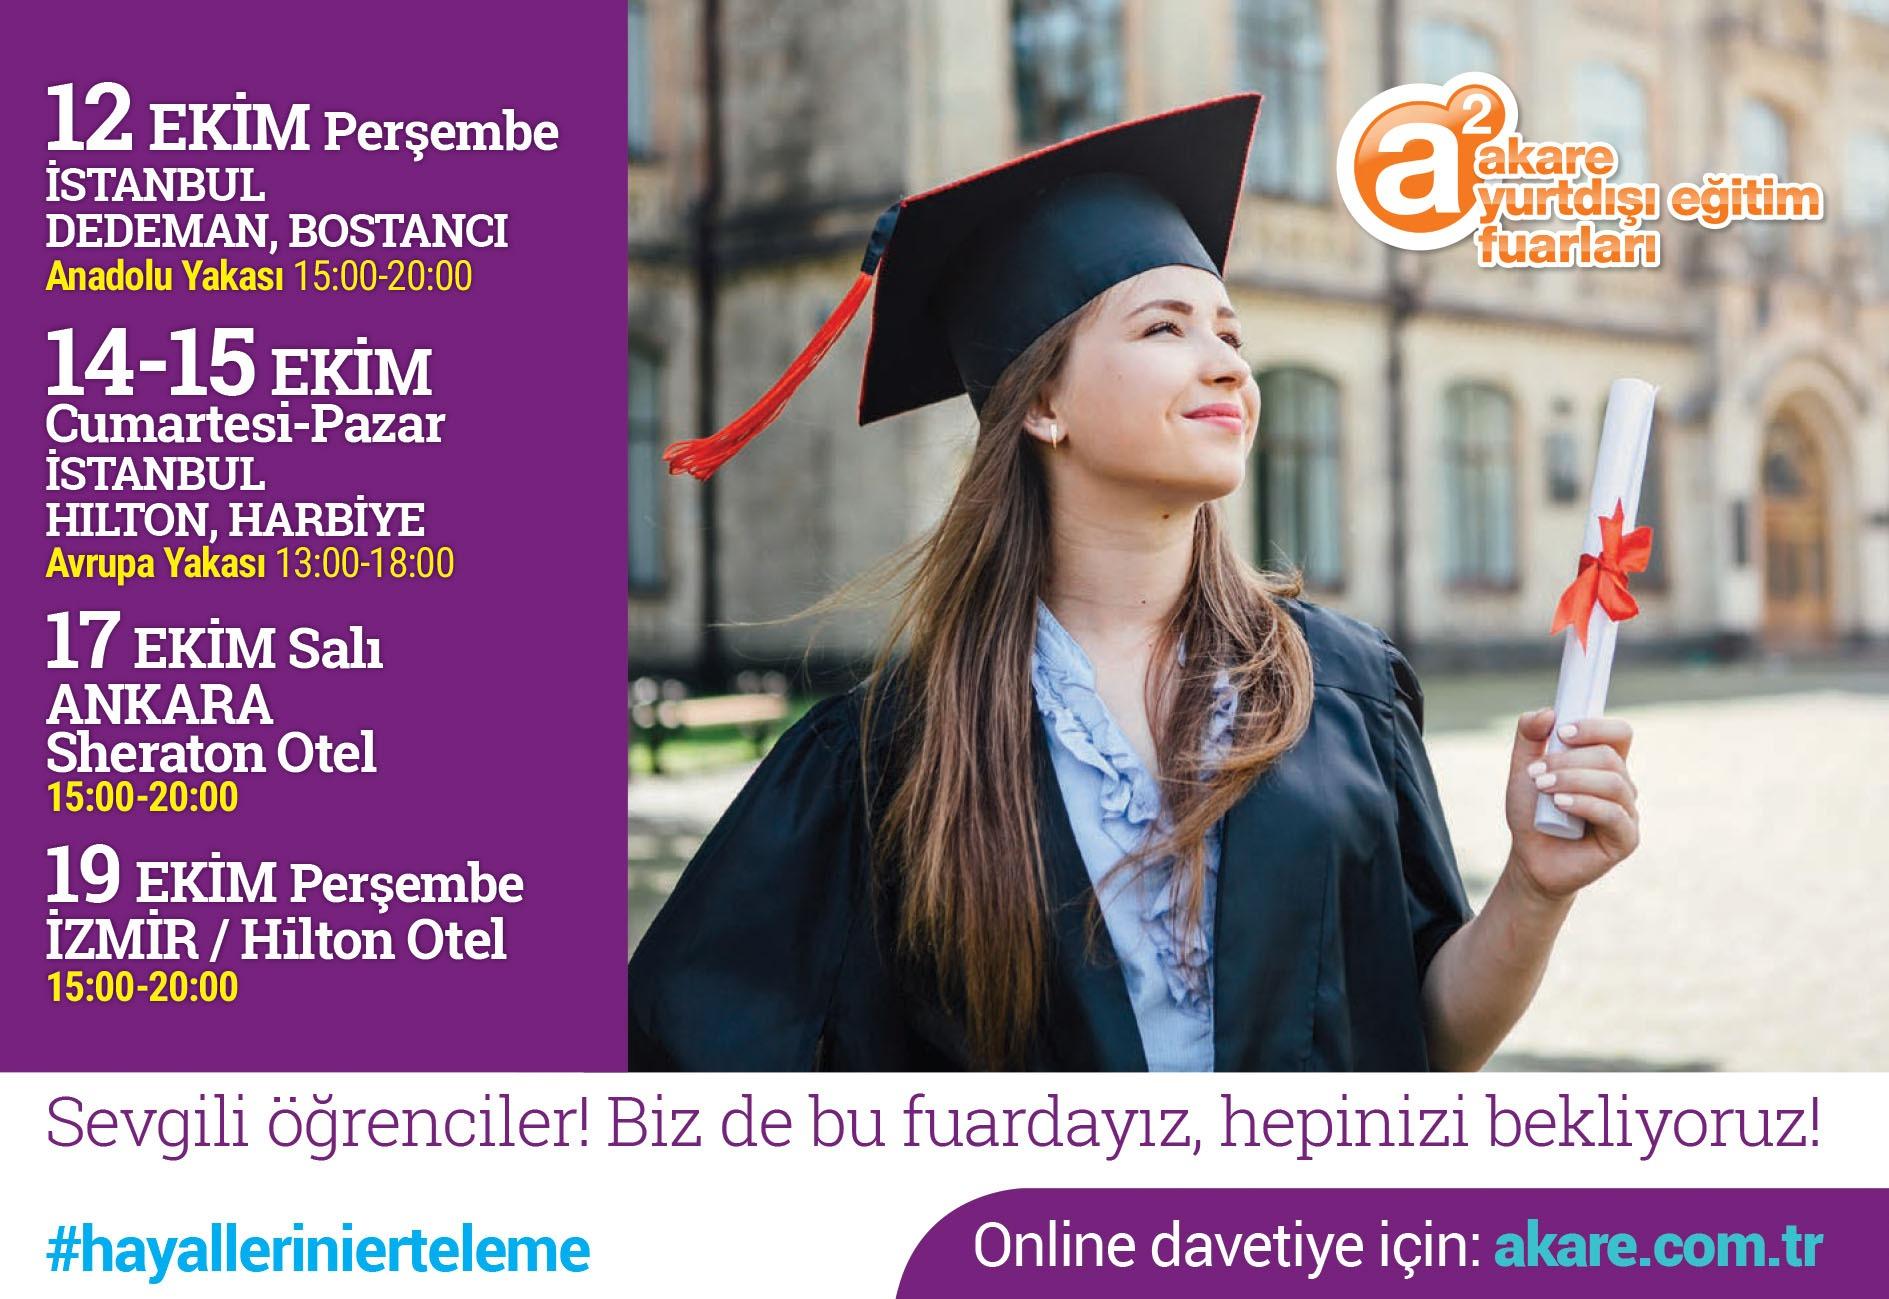 a² Yurtdışı Eğitim Fuarı